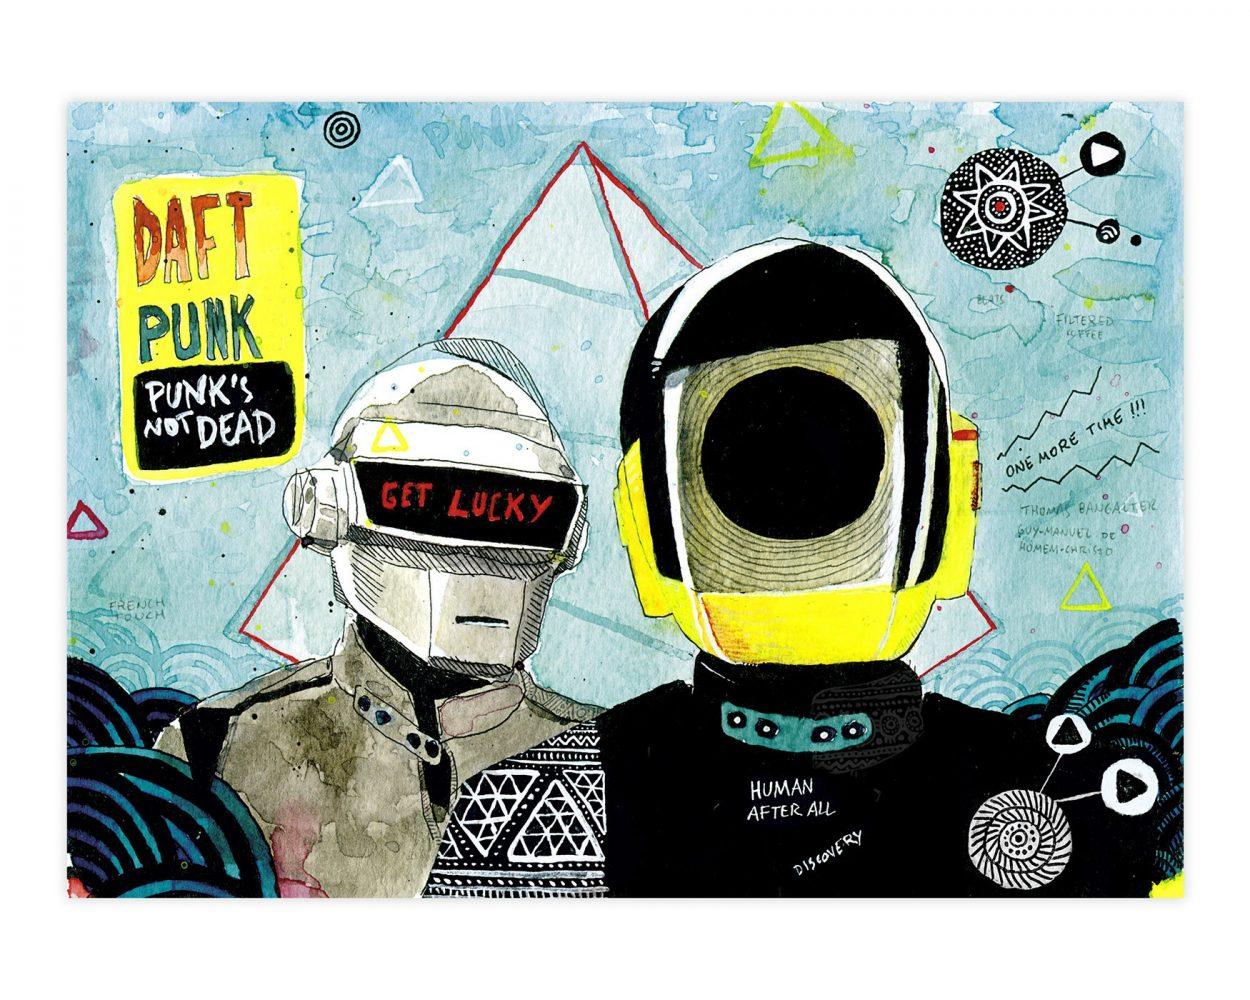 Dibujo en tinta y acuarela de Daft Punk. Casco ilustración. Música electrónica